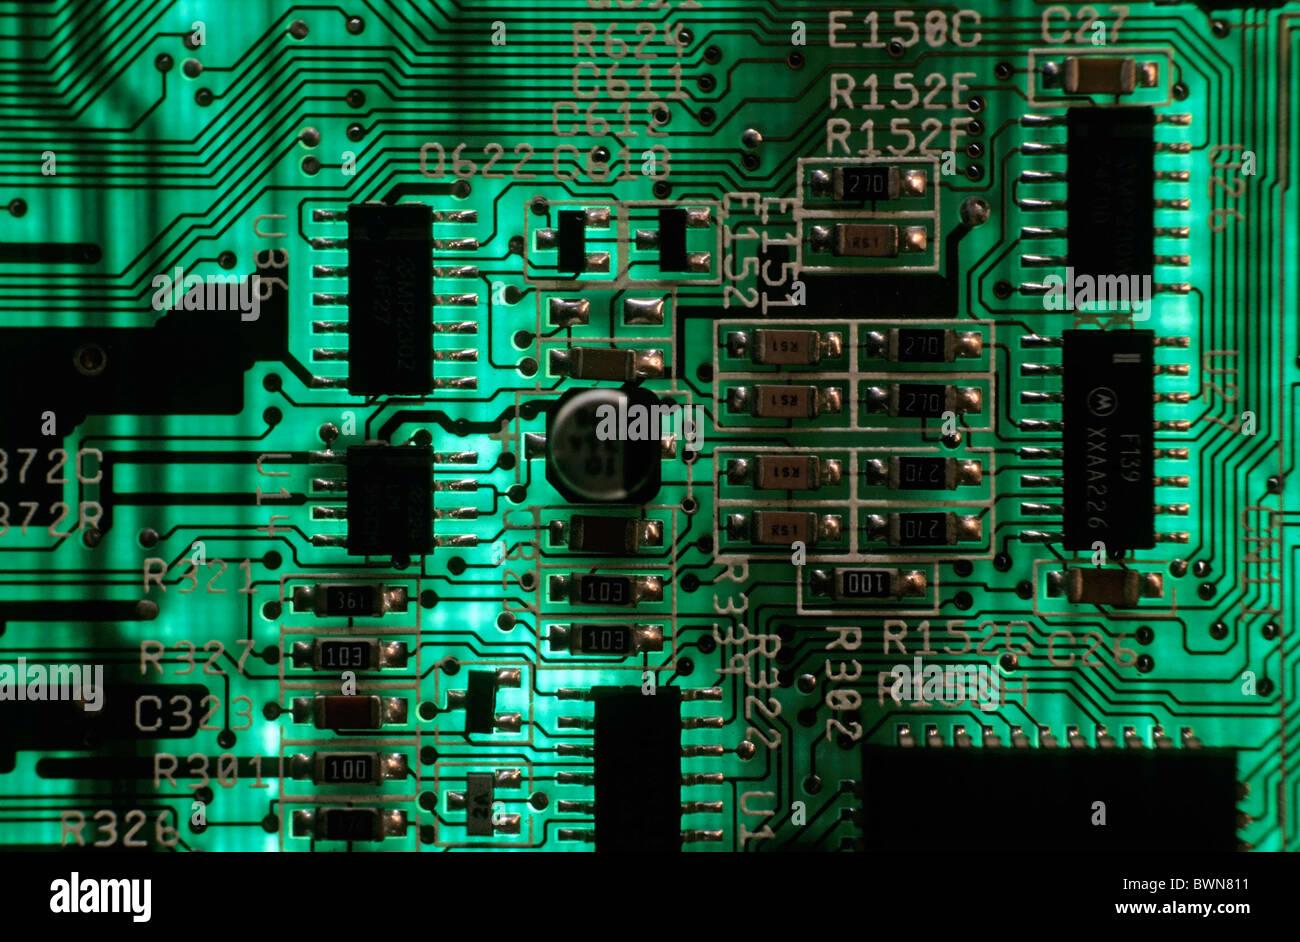 Circuit intégré à partir d'un ordinateur. Photo Stock